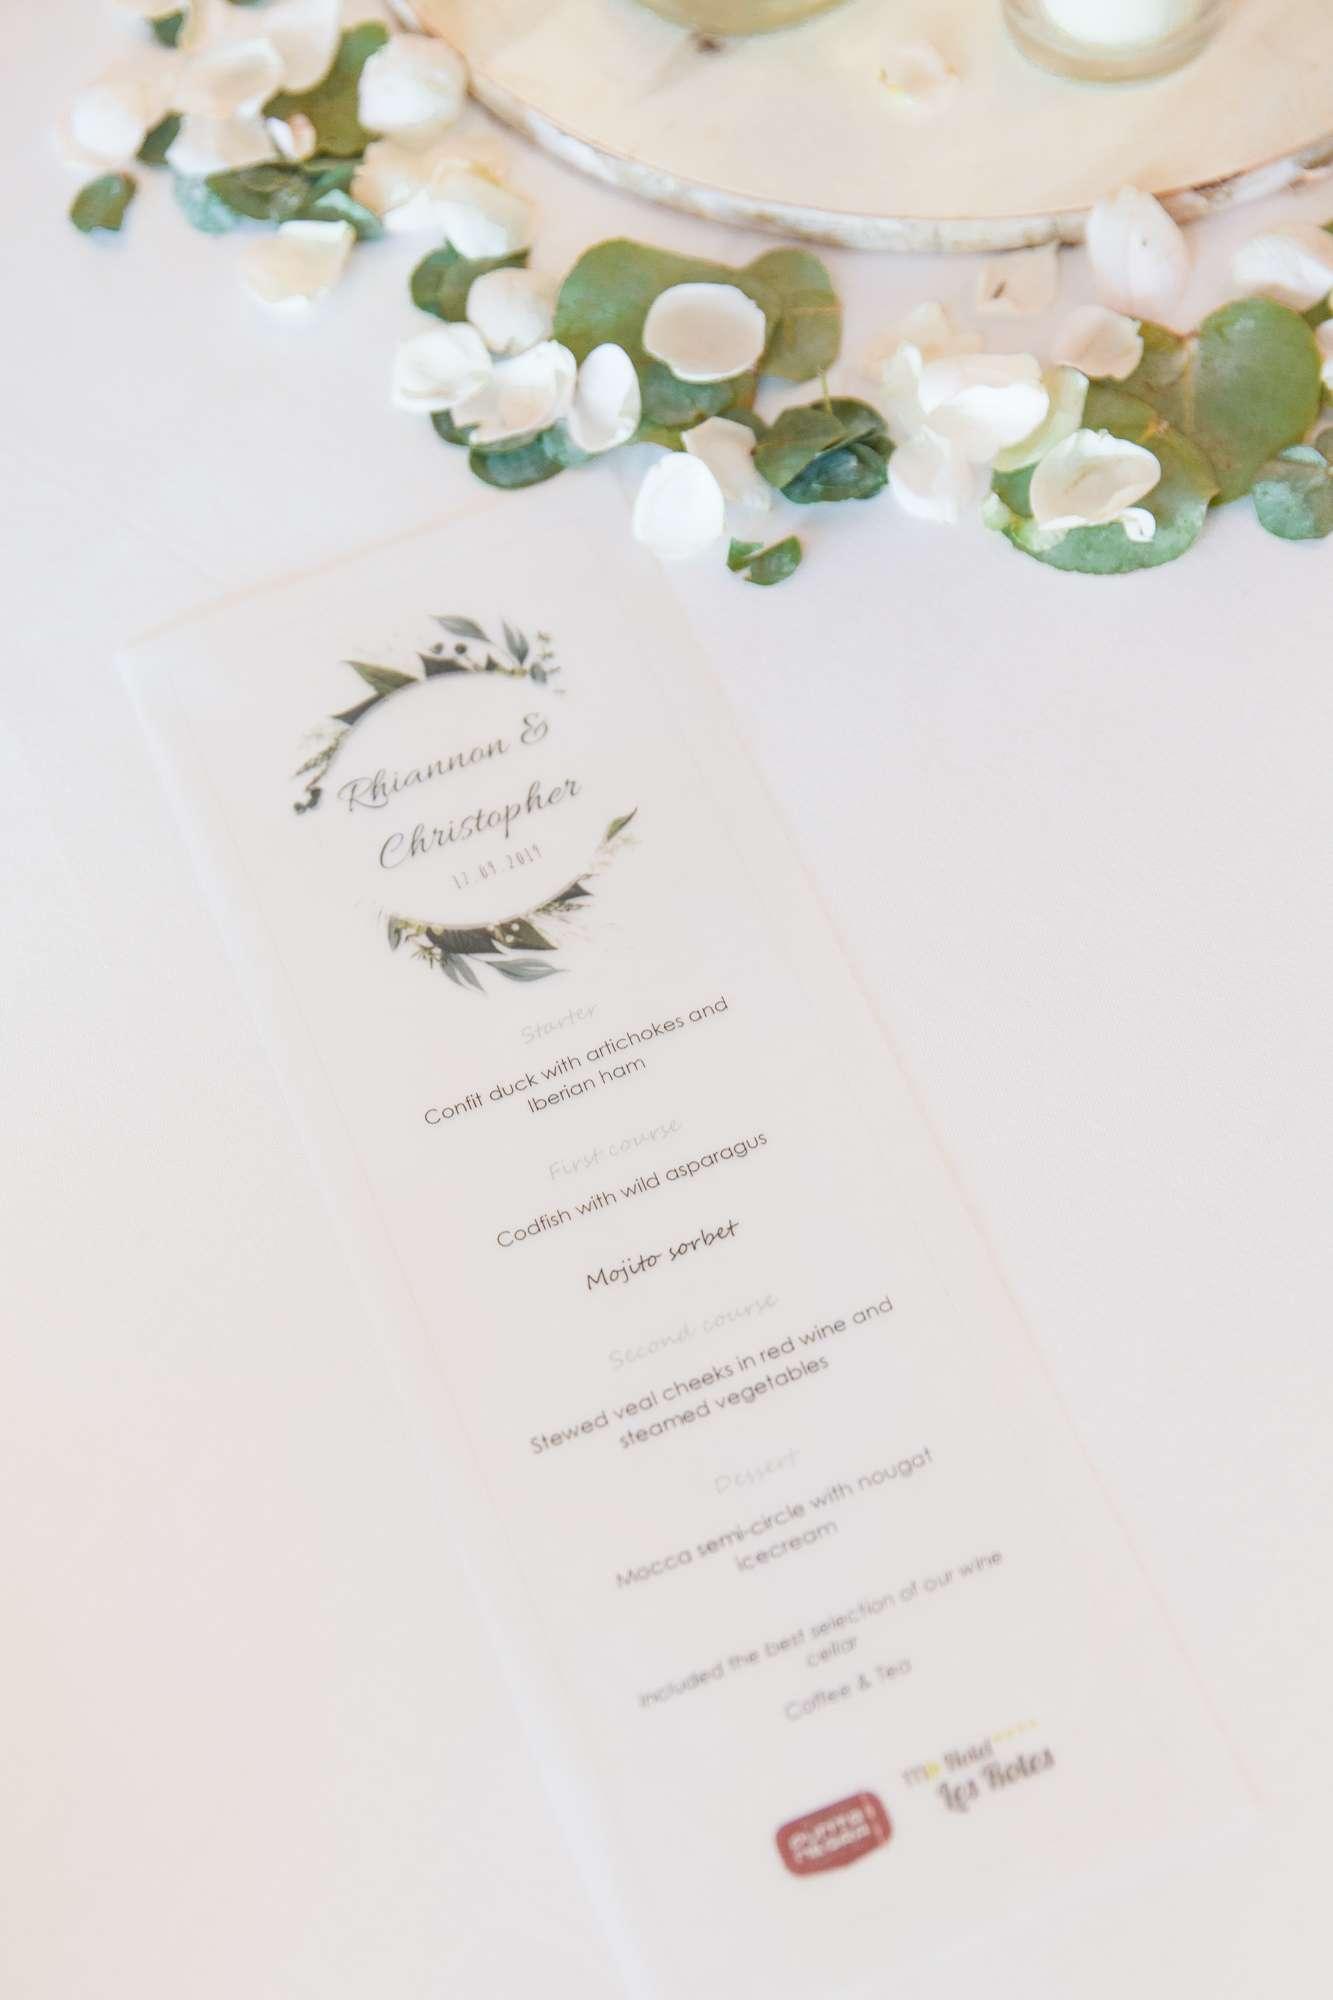 menu sits on wedding table at Hotel Les Rotes in Denai, Spain